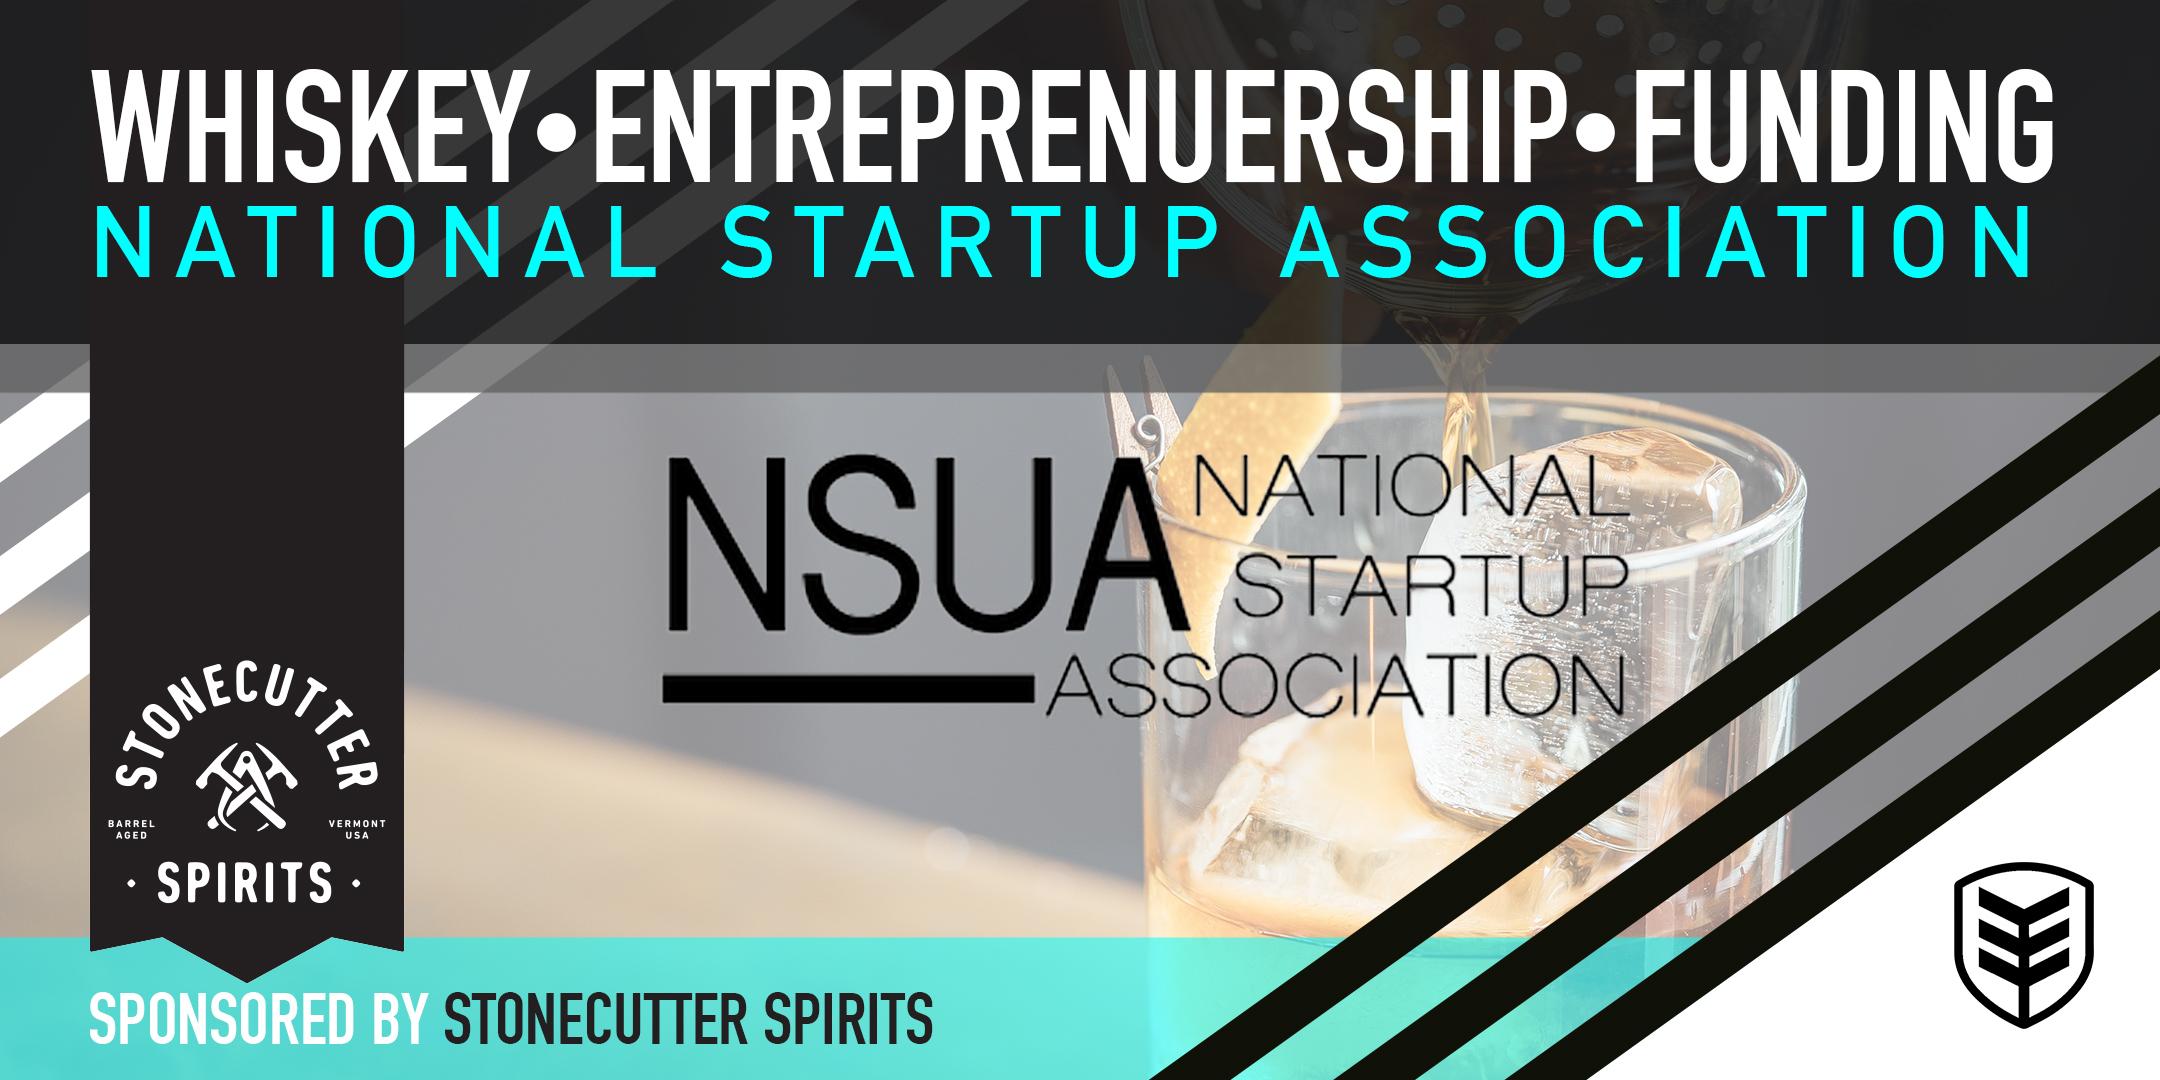 NSUA.eventbrite copy.jpg